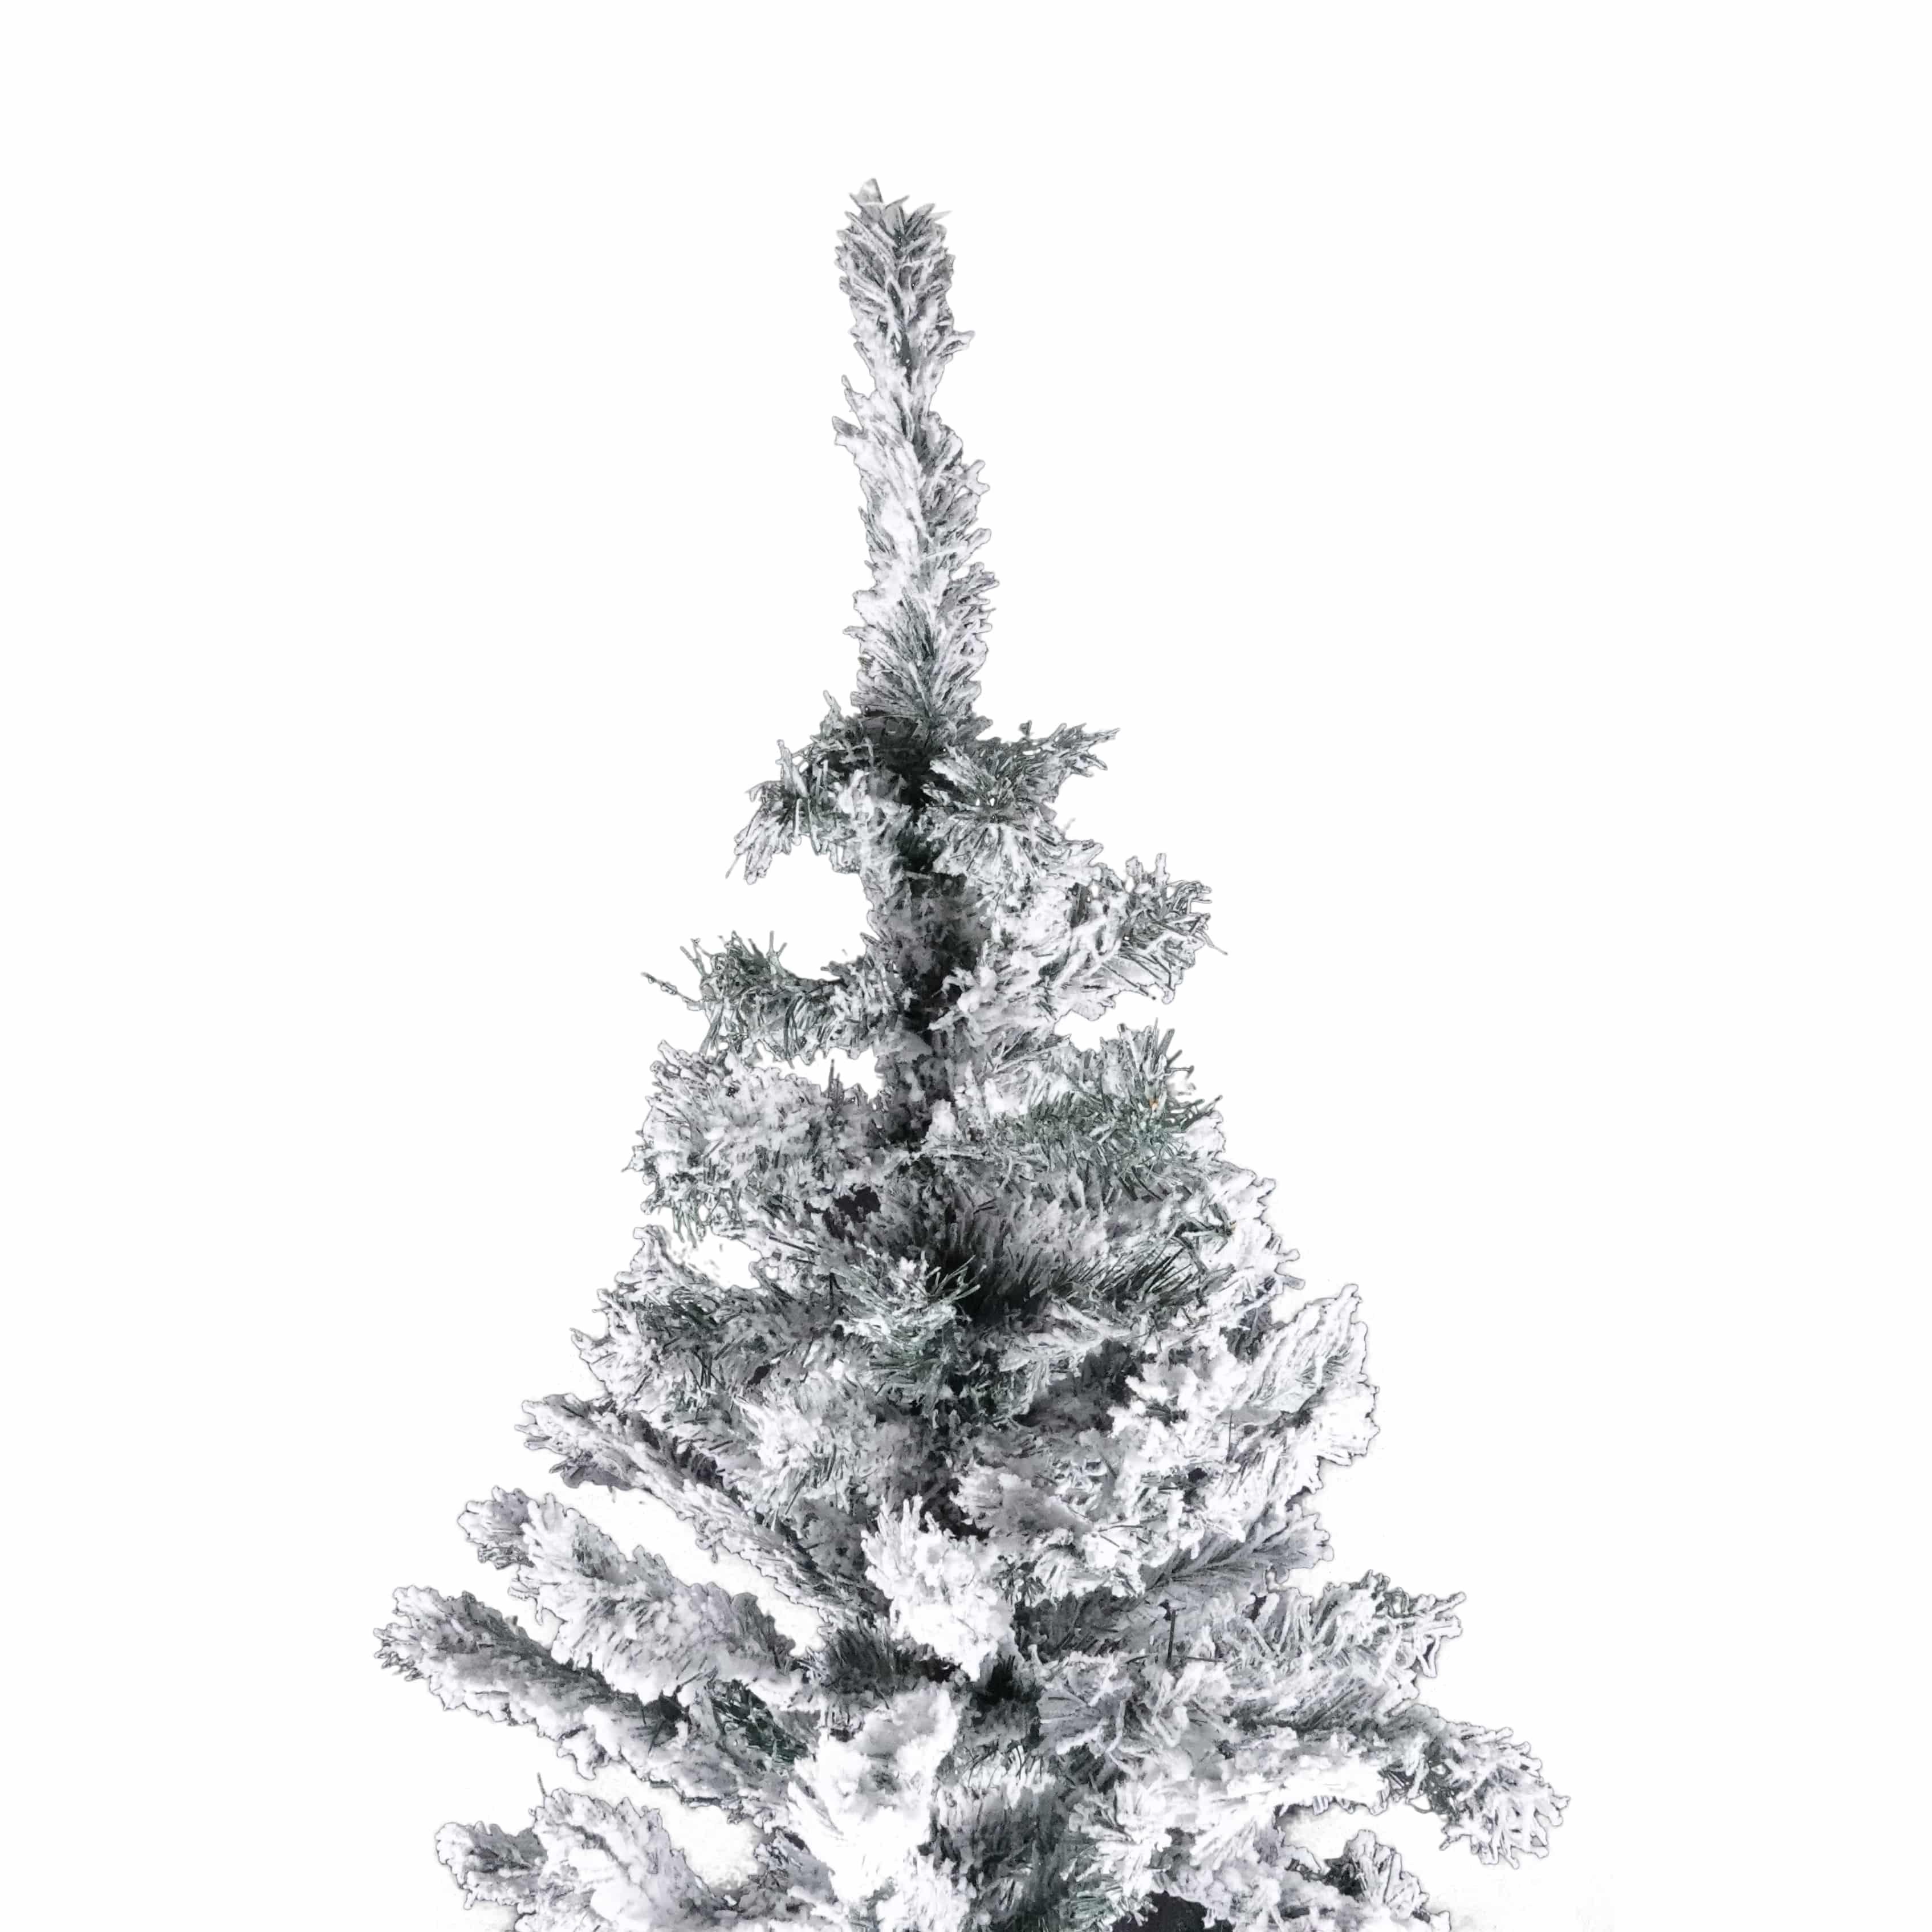 4goodz diep besneeuwde kunstkerstboom 210 cm - 127 cm breed